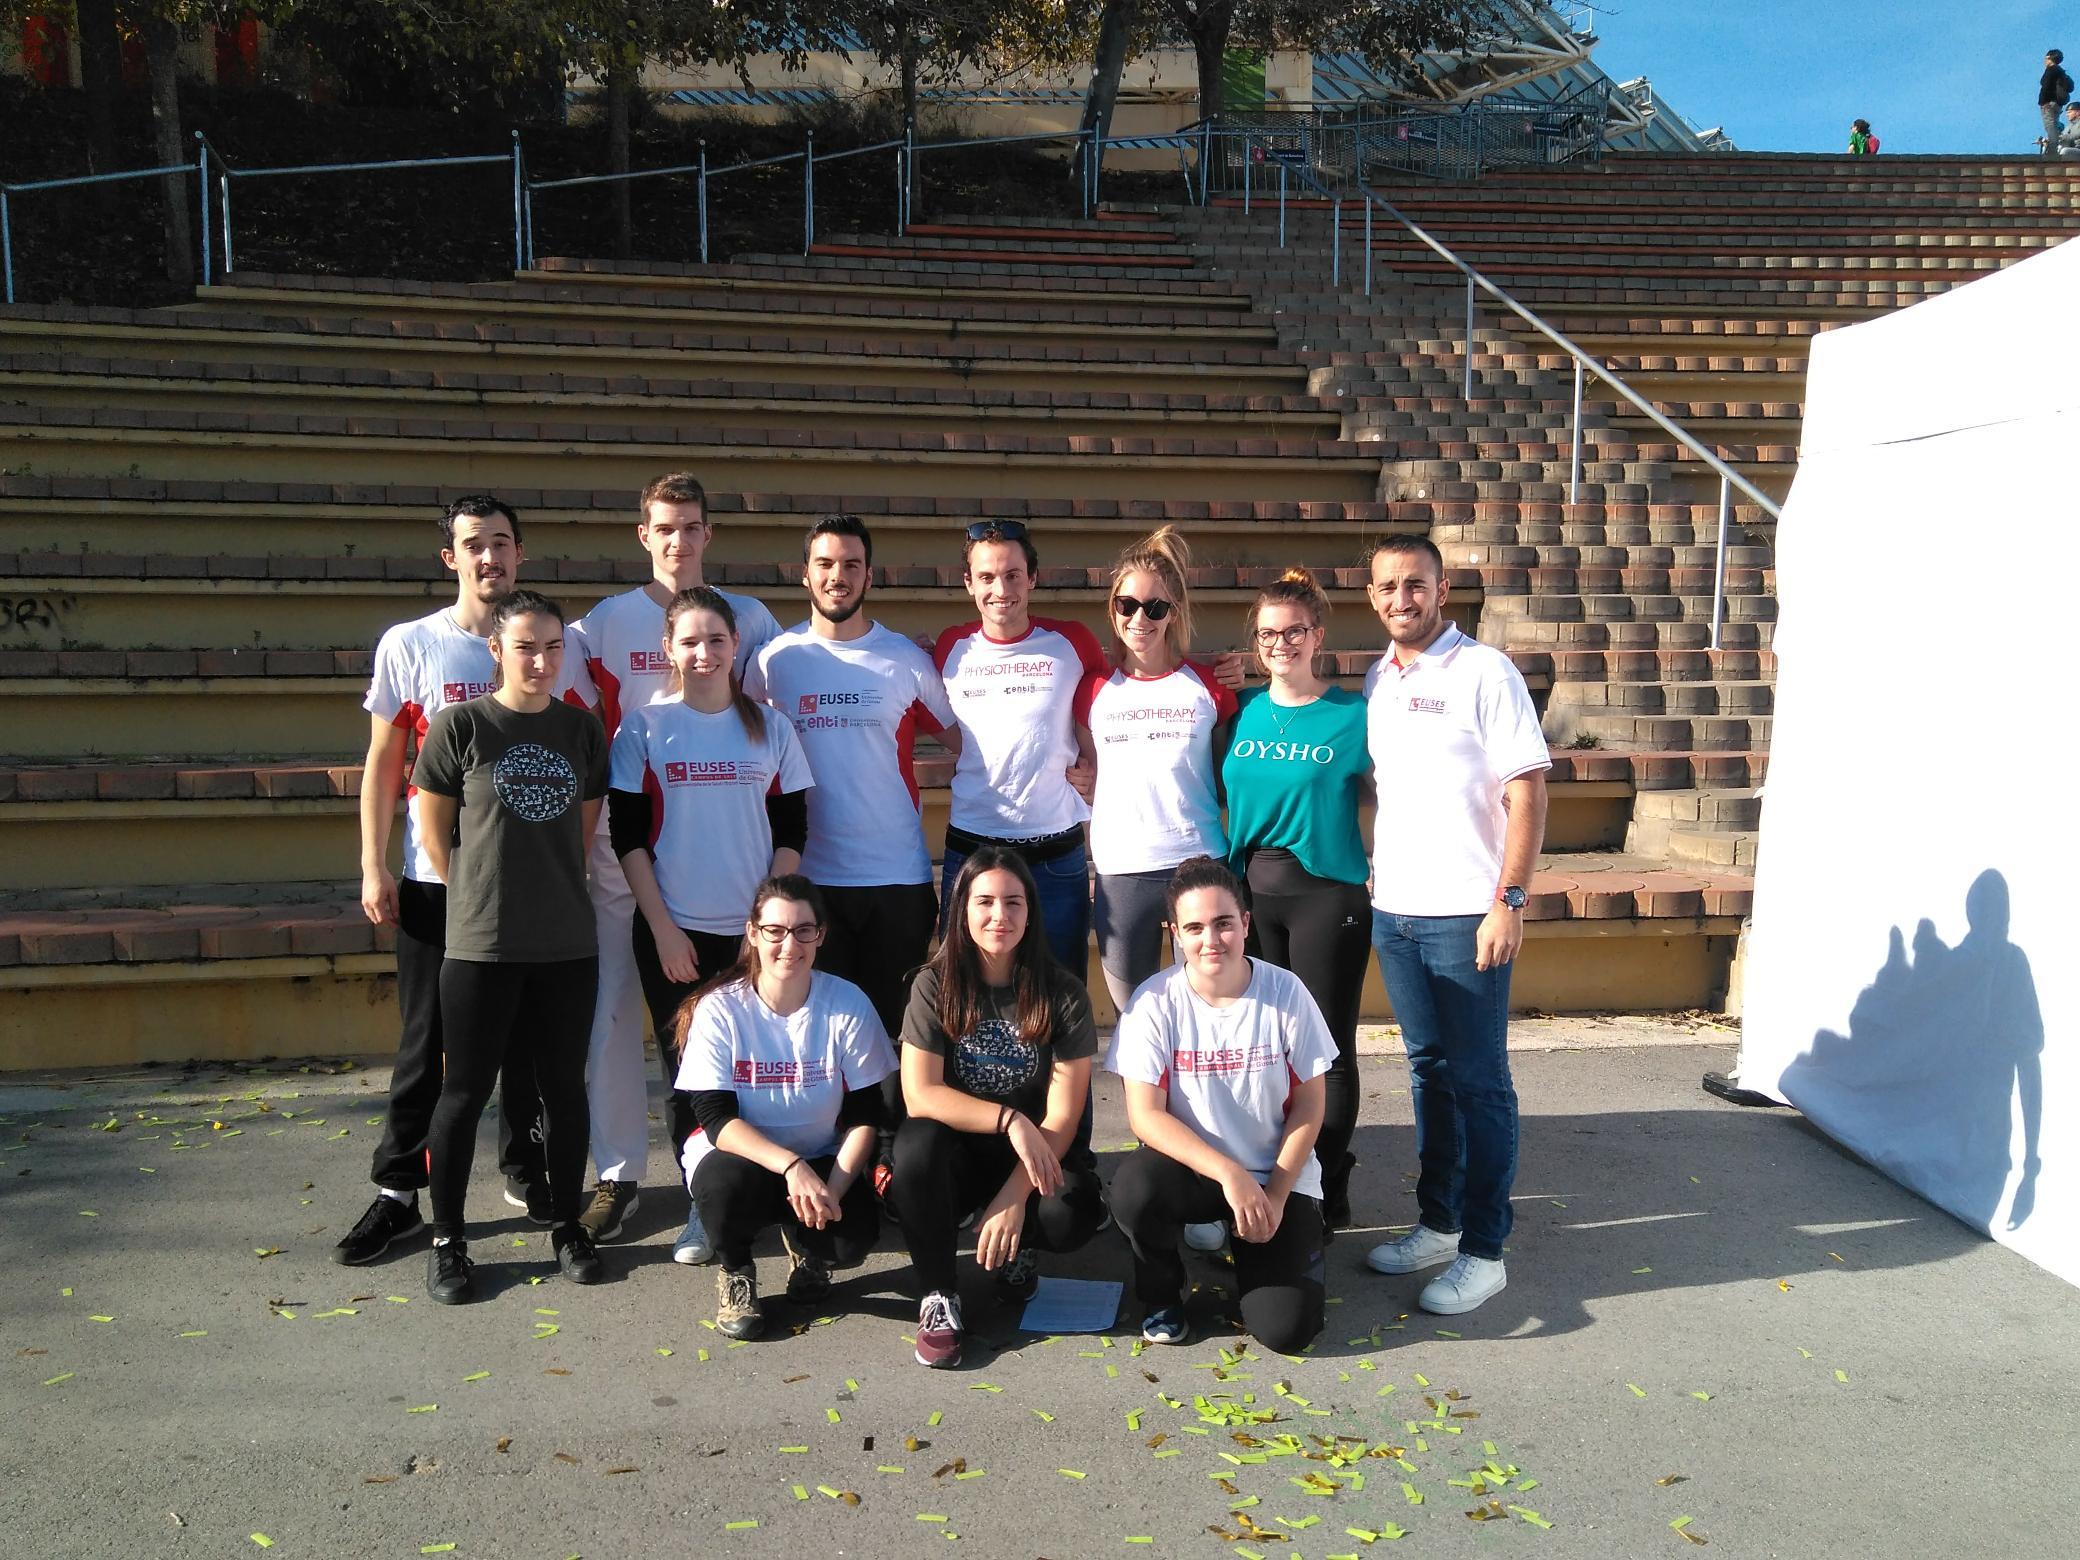 L'Escola Universitària de la Salut i l'Esport col·labora en la recuperació dels esportistes en la cursa AECC de Barcelona